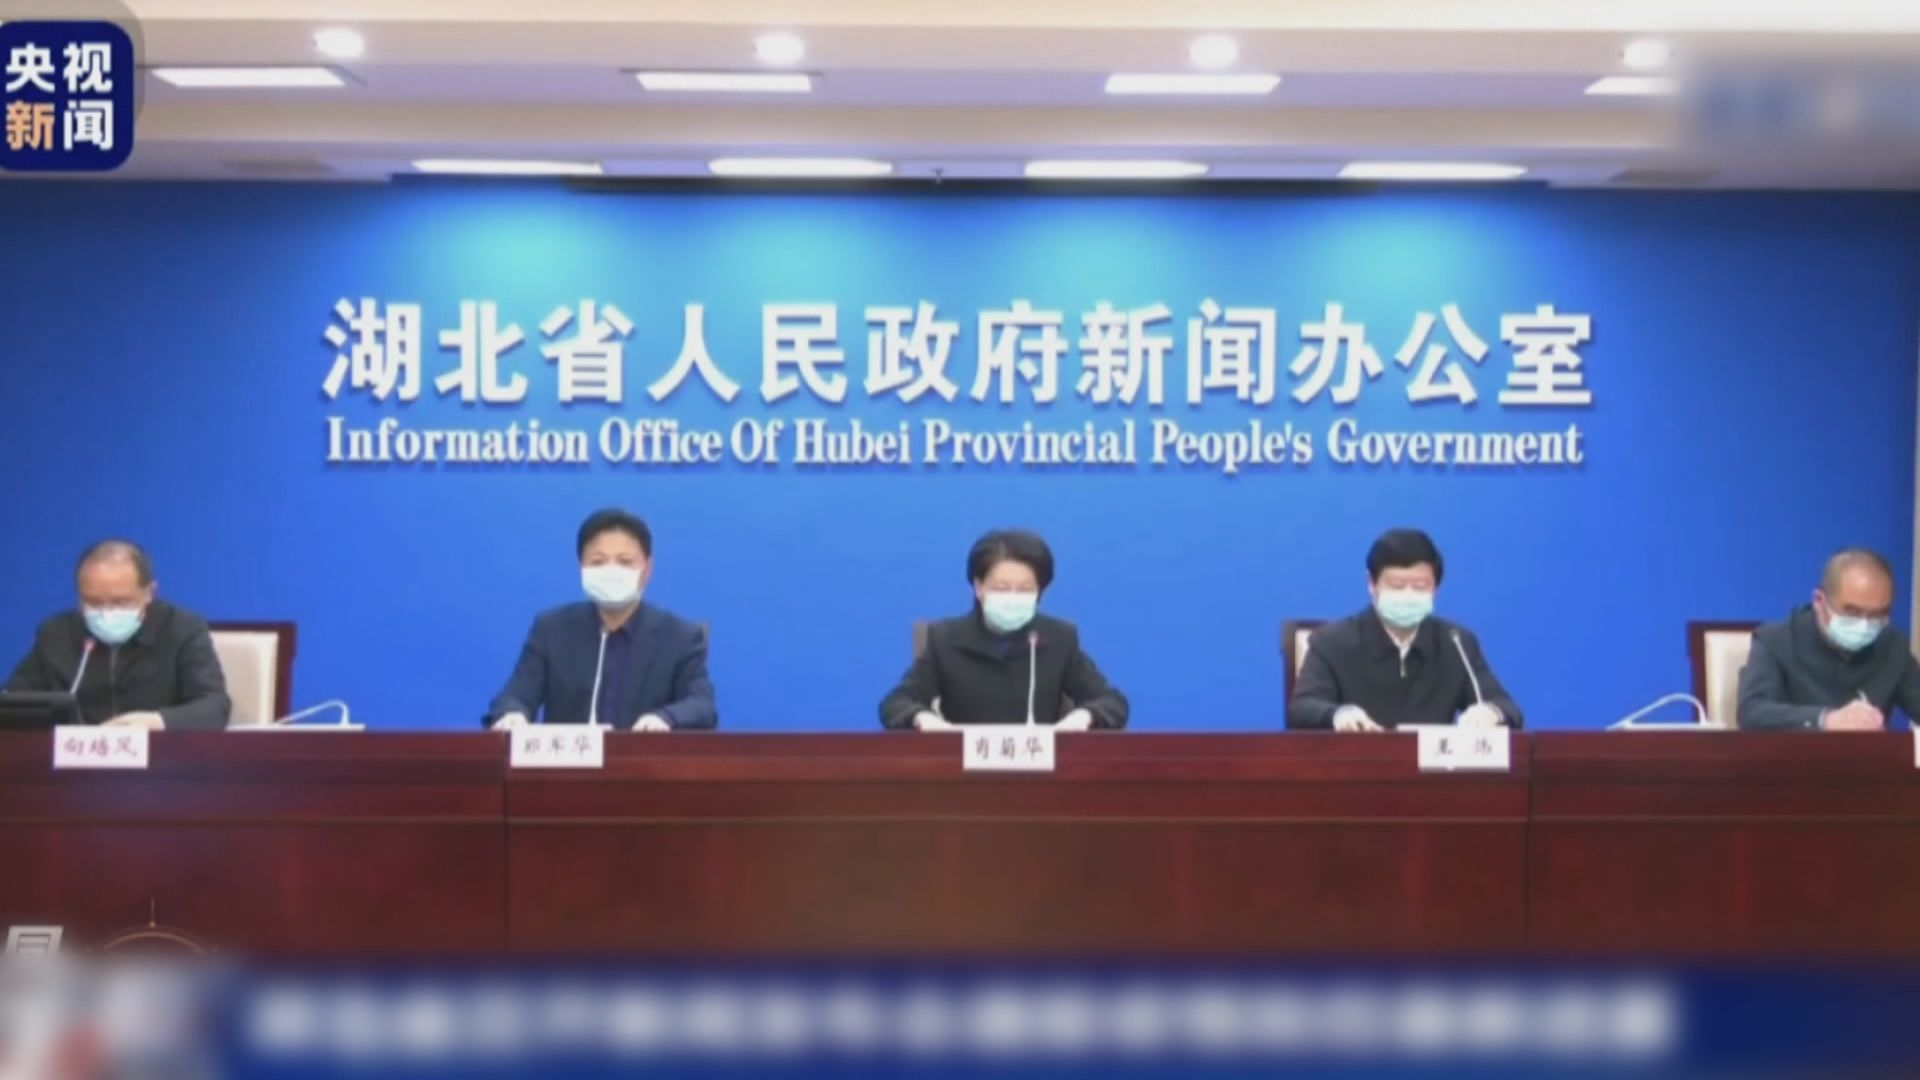 湖北省各地醫療資源不均致疫情防控繁重